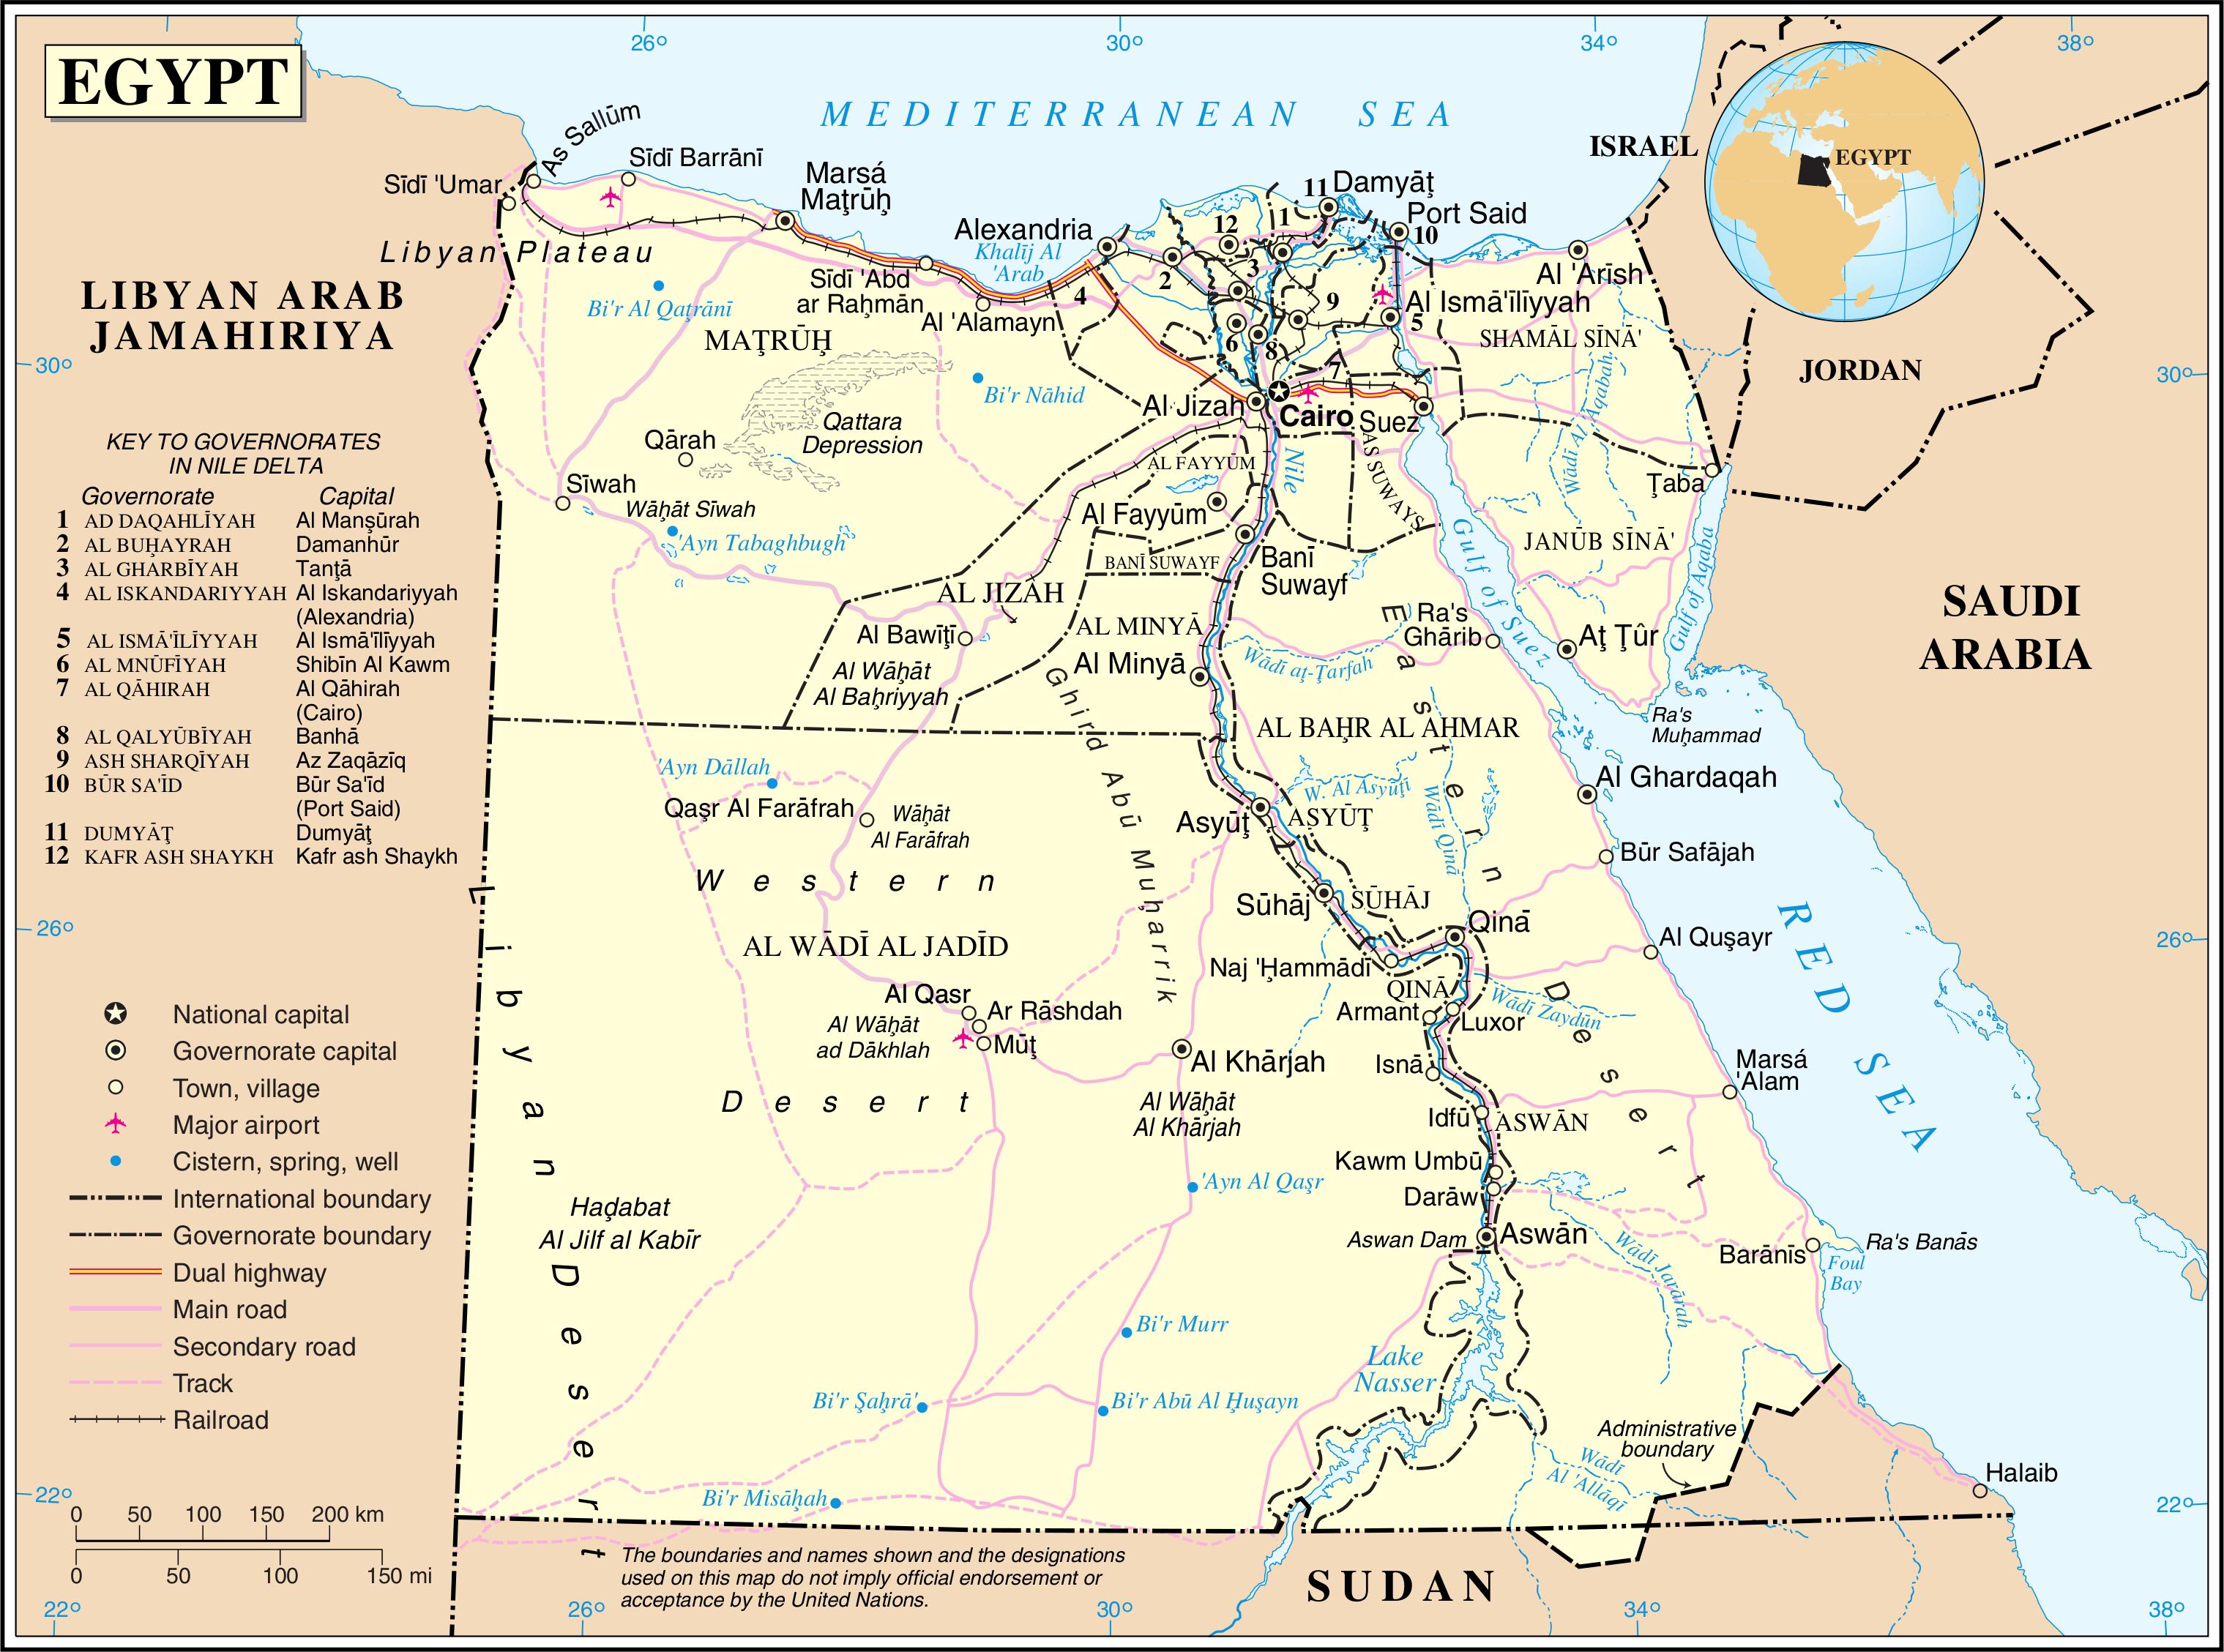 كم عدد سكان مصر - ما هو عدد سكان مصر - صور خريطه مصر